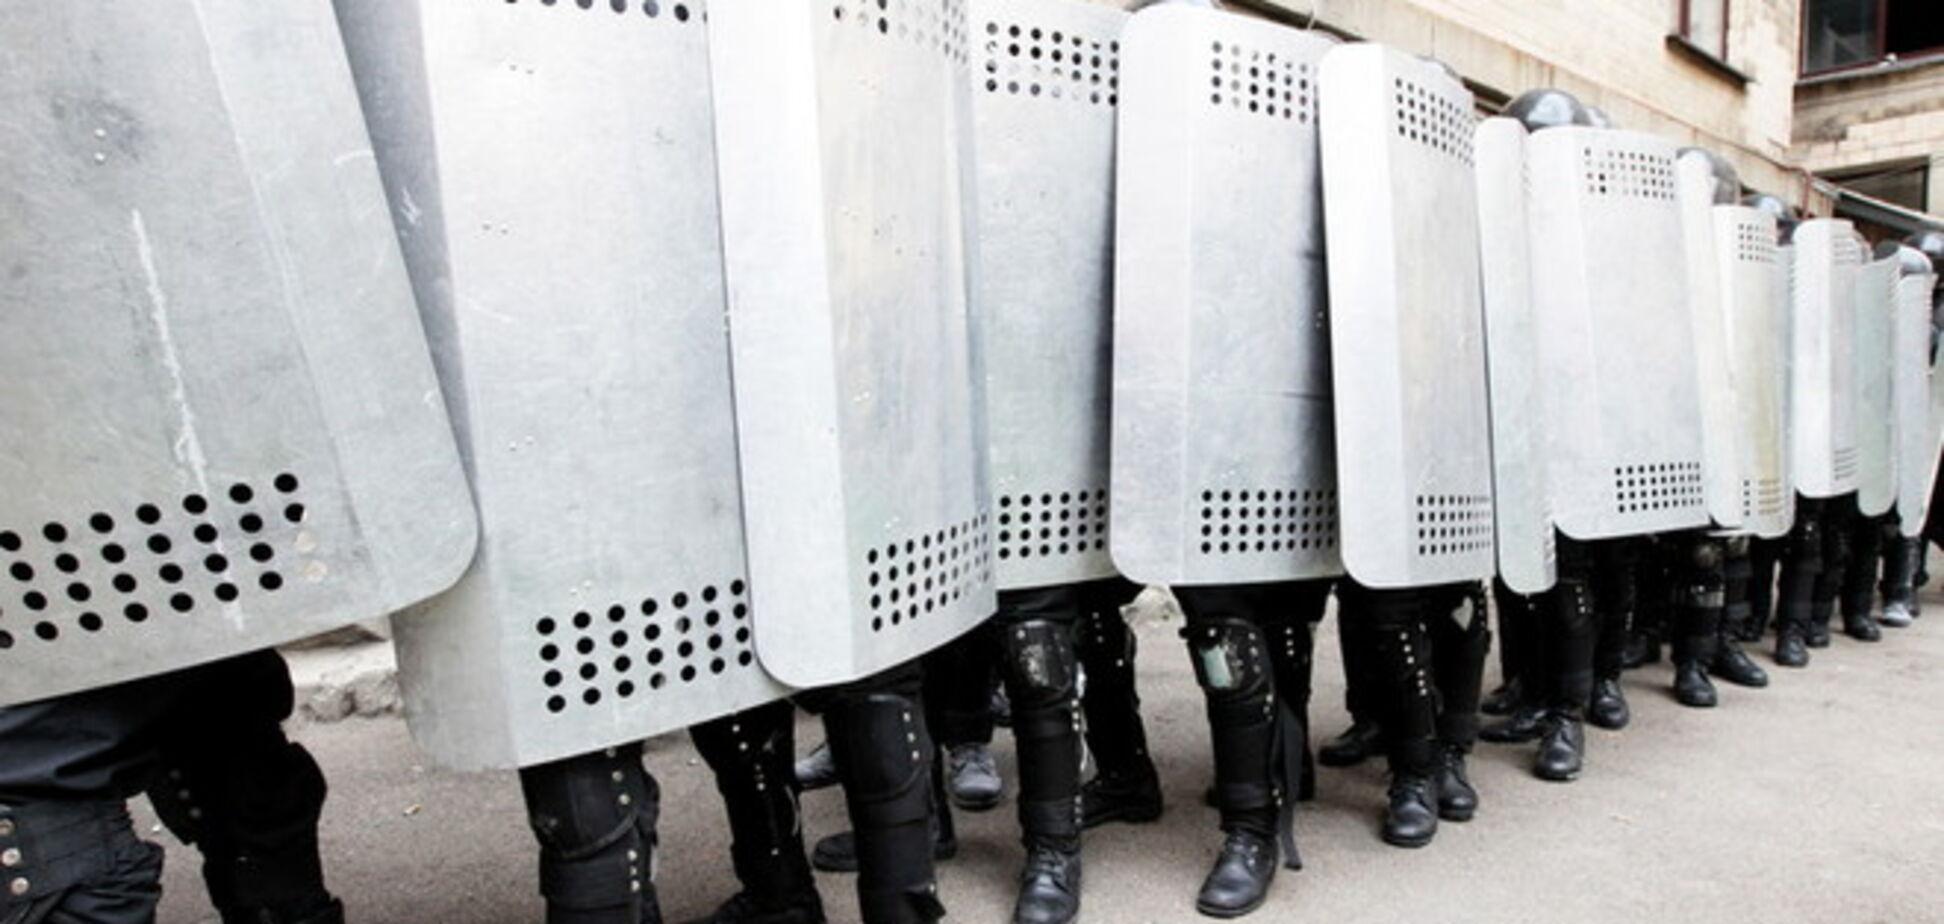 ЗМІ повідомляють про стрілянину в трьох районах Луганська